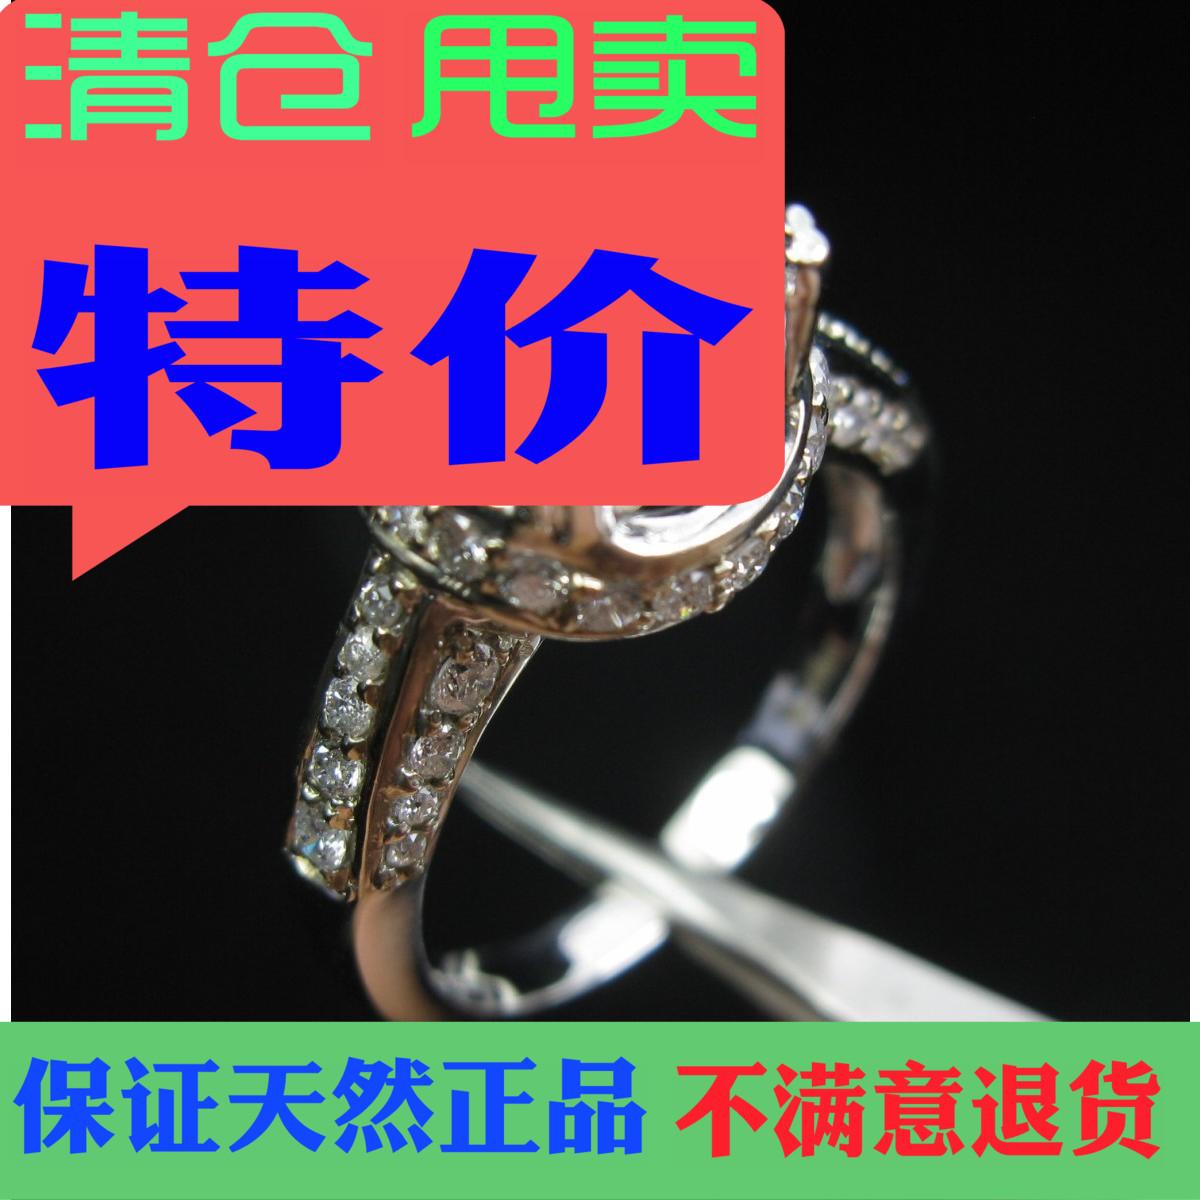 促销欧美珠宝首饰饰品贵重钻石白K金女款戒指拖镶各种宝石包邮